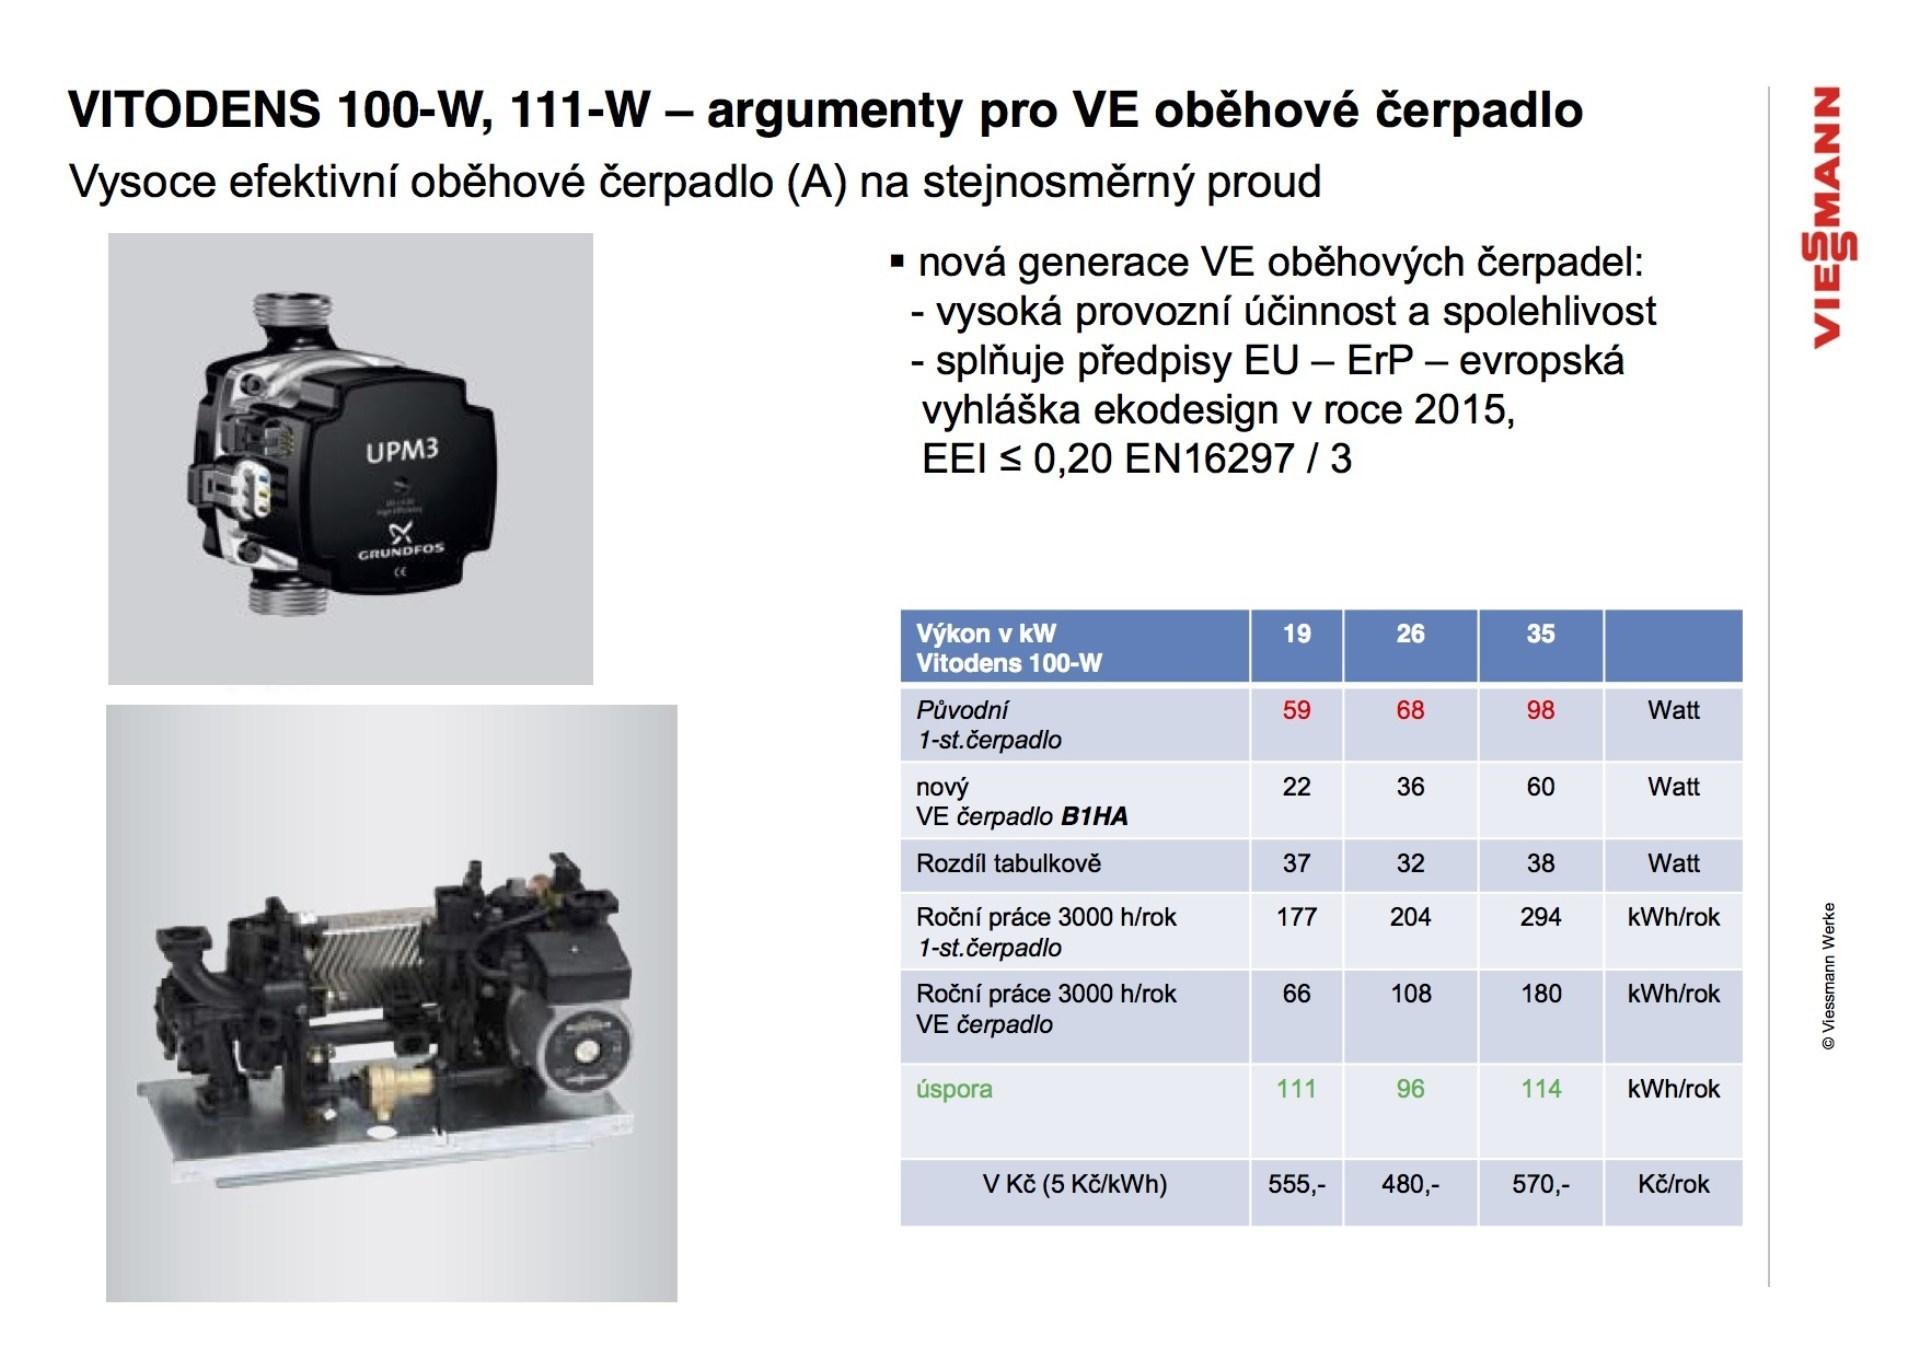 Vitodens 100-W 6,5 až 35,0 kW